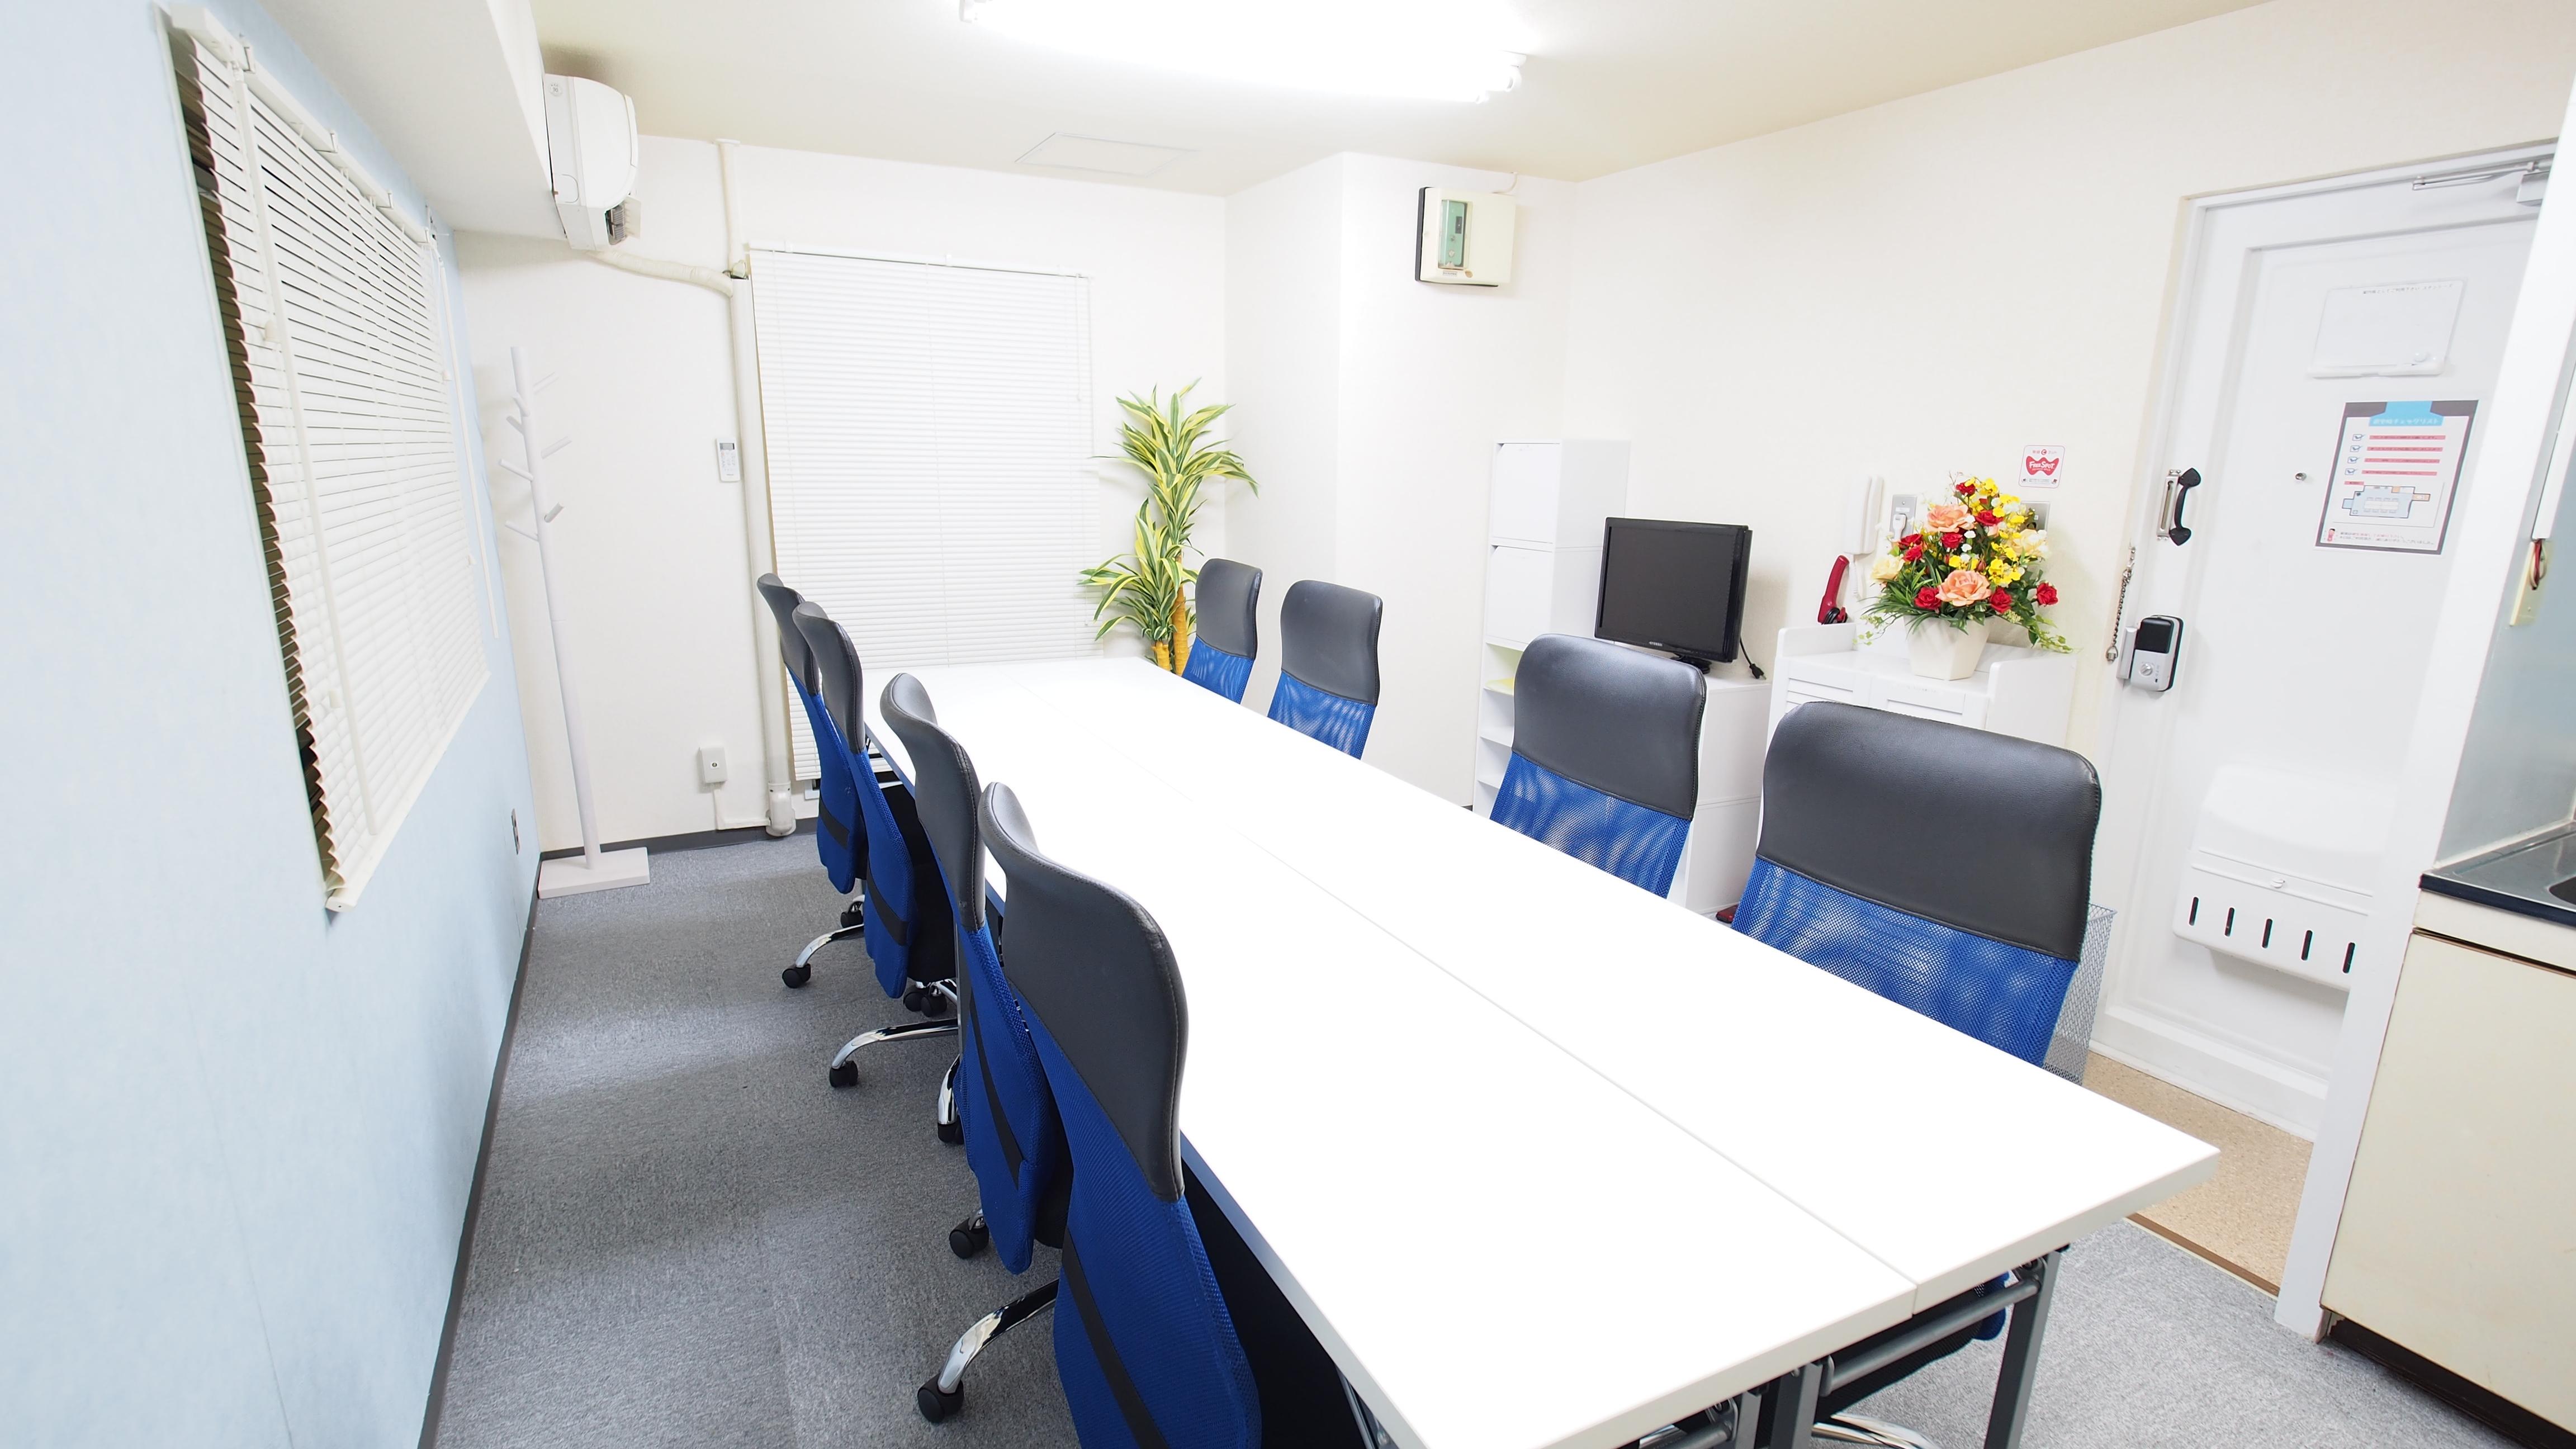 マリーナをイメージしたレンタルスペース - 【マリーナ】新宿の貸し会議室 WiFi大型モニタホワイトボードの室内の写真